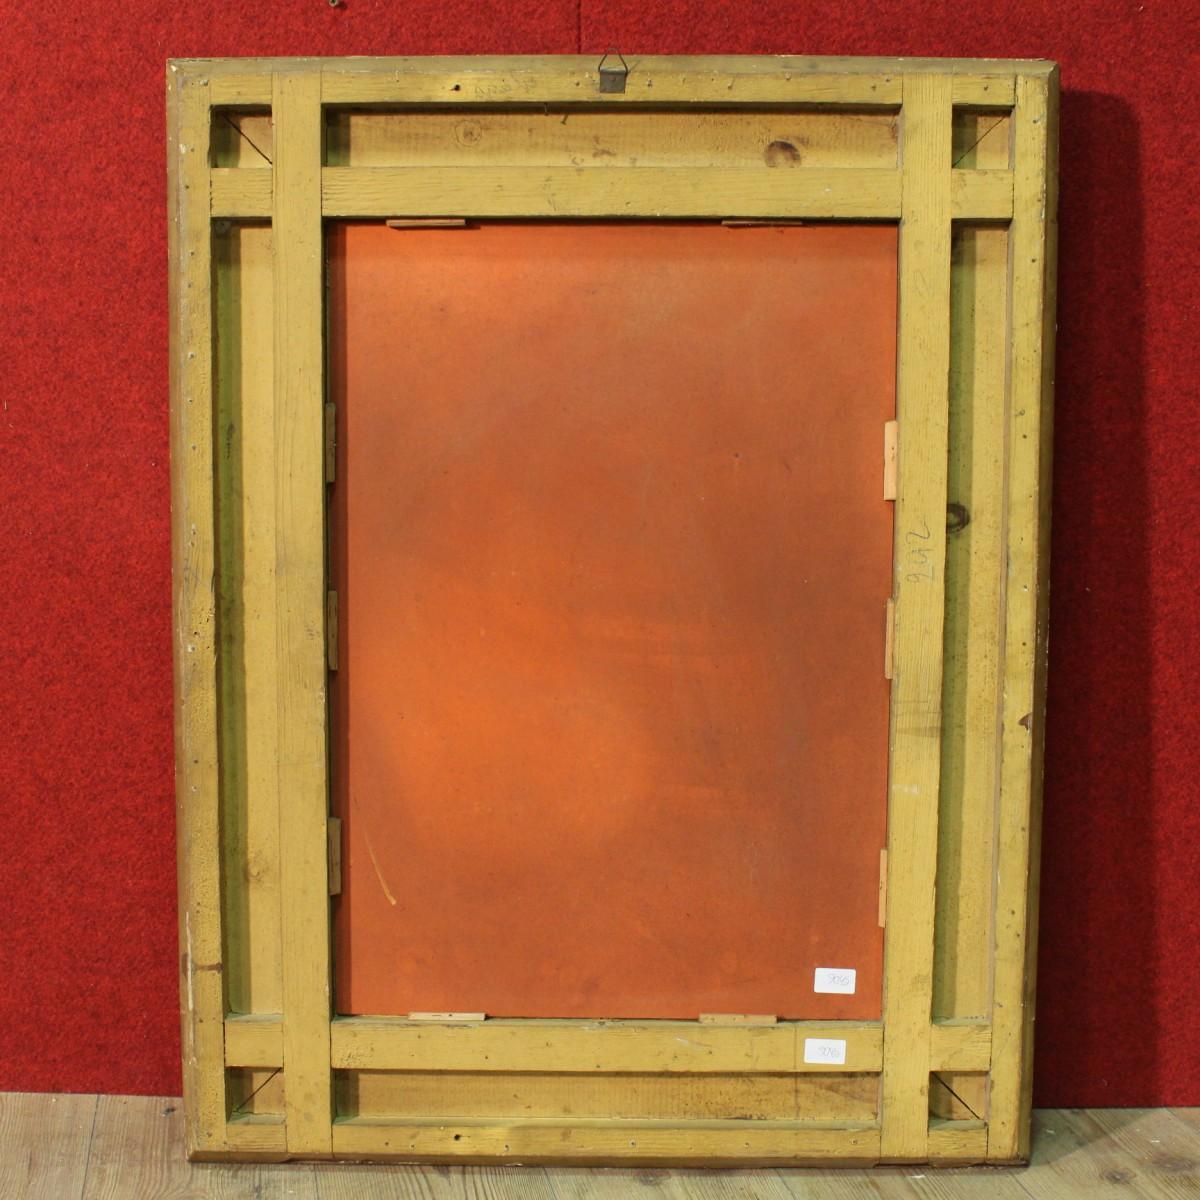 Specchiera legno gesso italiano specchio dorato scolpito - Specchio dorato antico ...